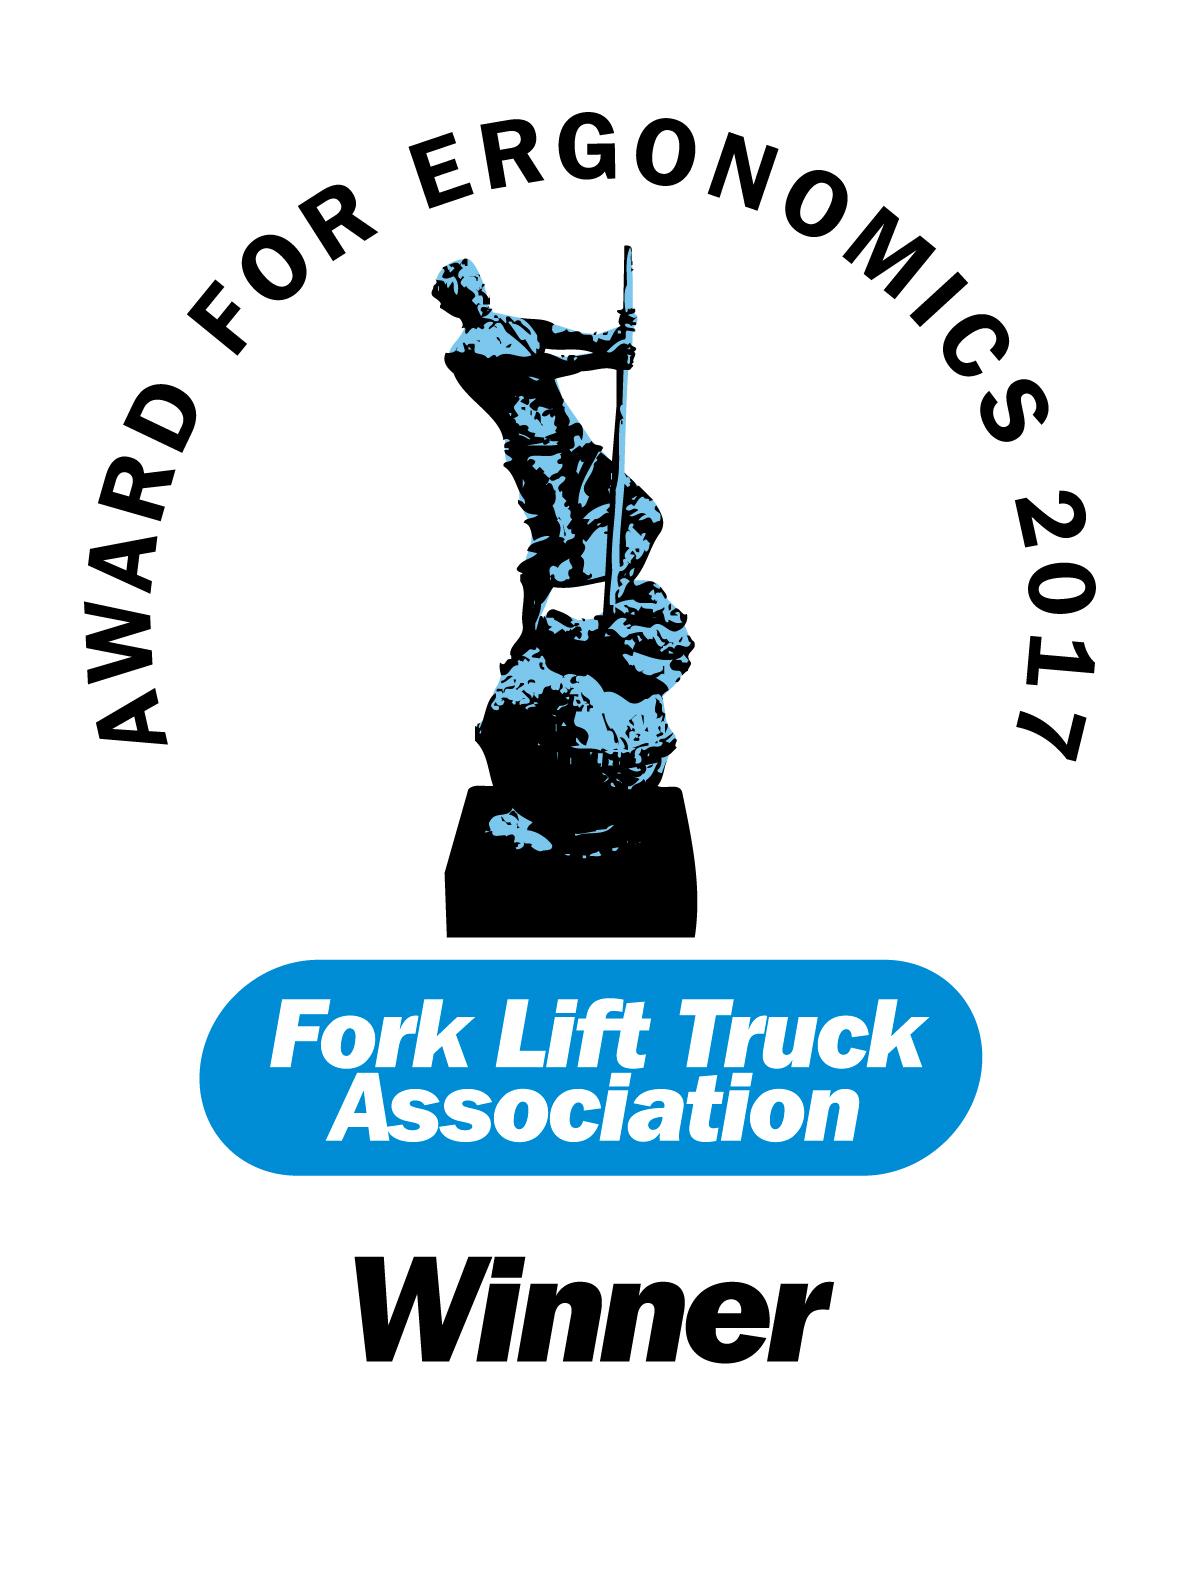 """Der Yale Elektro-Stand-/Quersitz-Gabelhubwagen der MPT-Serie erhielt von der Fork Lift Truck Association (FLTA) Awards erstmals in der Kategorie """"Ergonomisches Design"""" die begehrte Trophäe"""